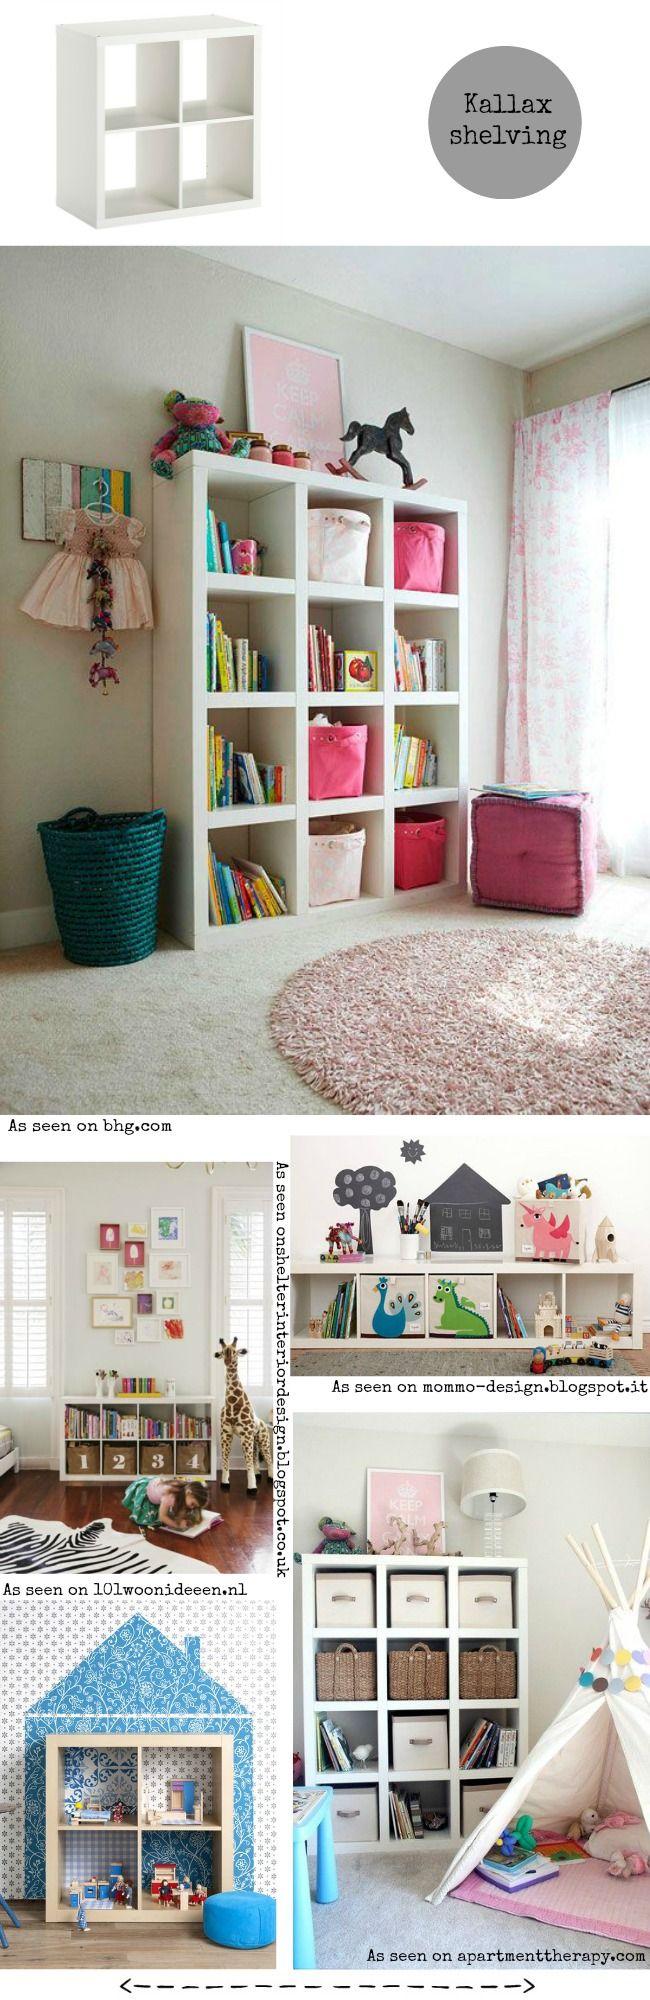 25 Best Ideas About Ikea Kids Bedroom On Pinterest Ikea Girls Room Ikea Kids Room And Shared Room Girls